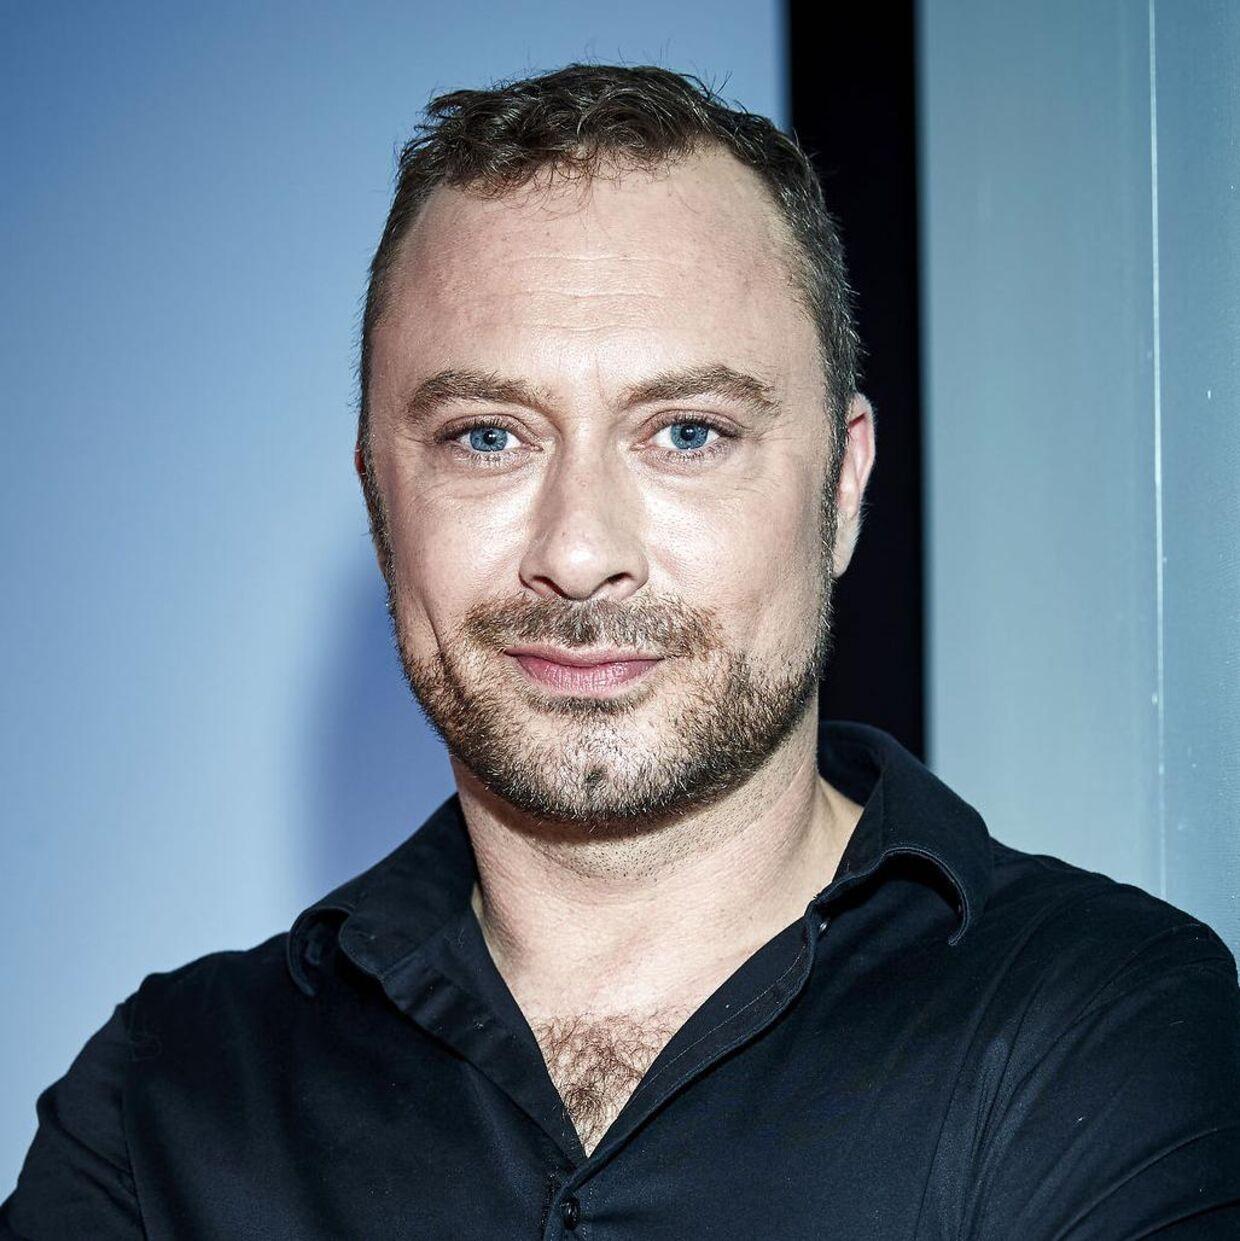 Skuespiller Jakob Fauerby er klar til 'Vild med dans' hvor han skal danse med Silas Holst.